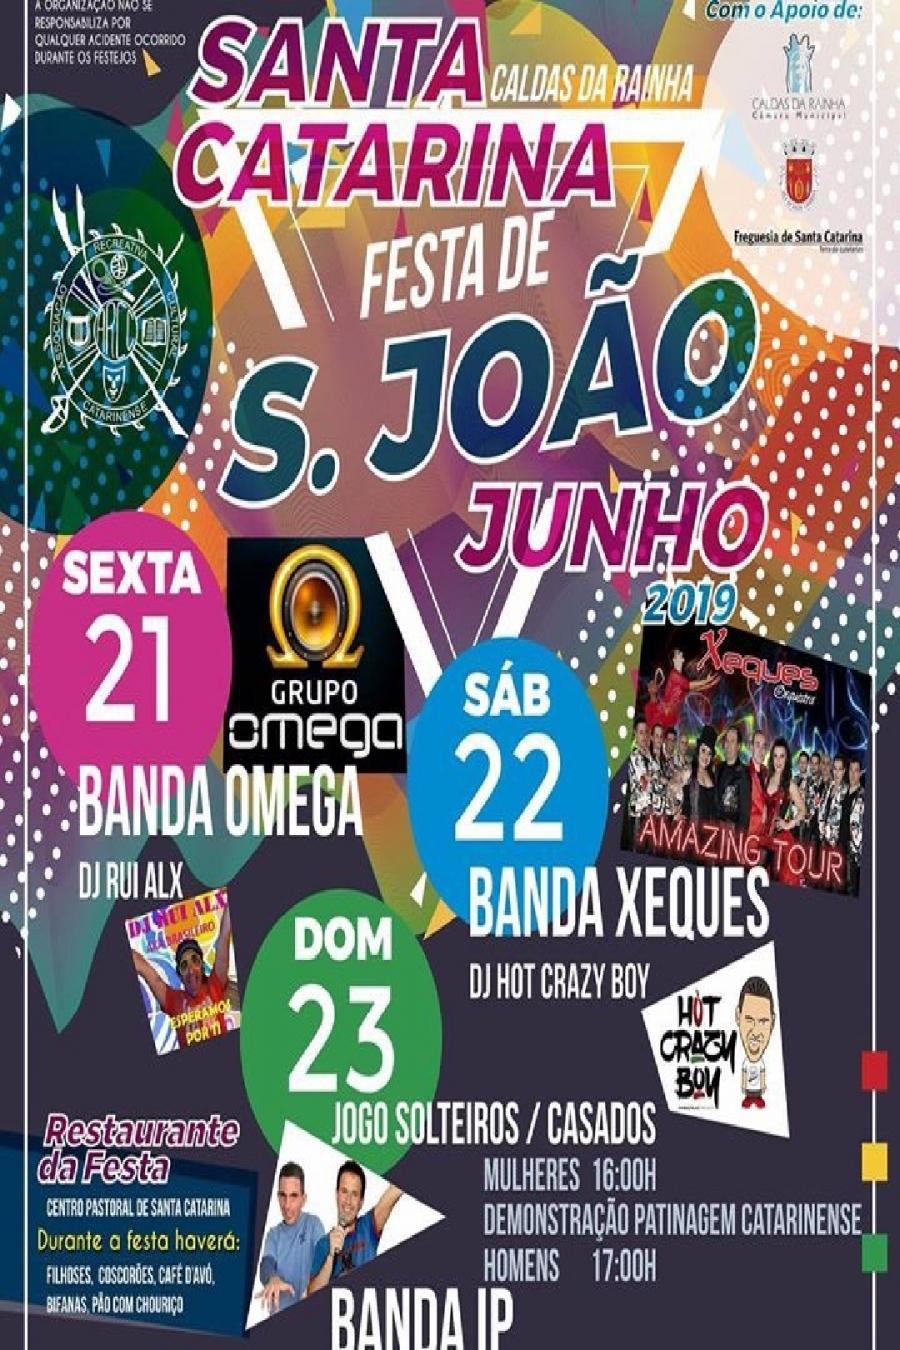 Festa de São João em Santa Catarina